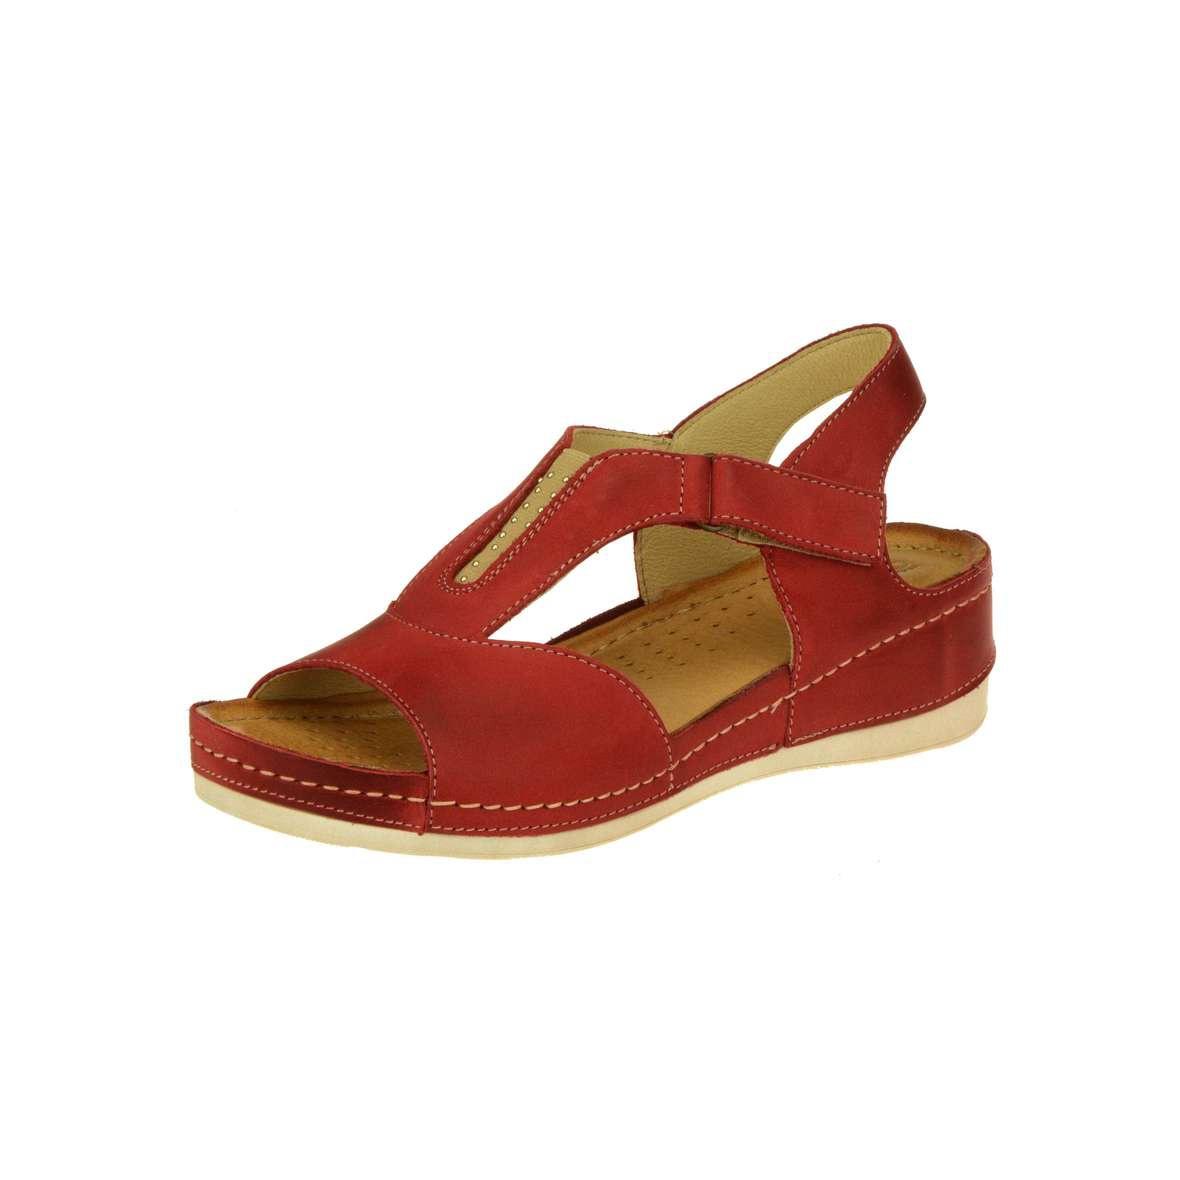 2c63292f08 Dámská vycházková sandálka WA 470-4